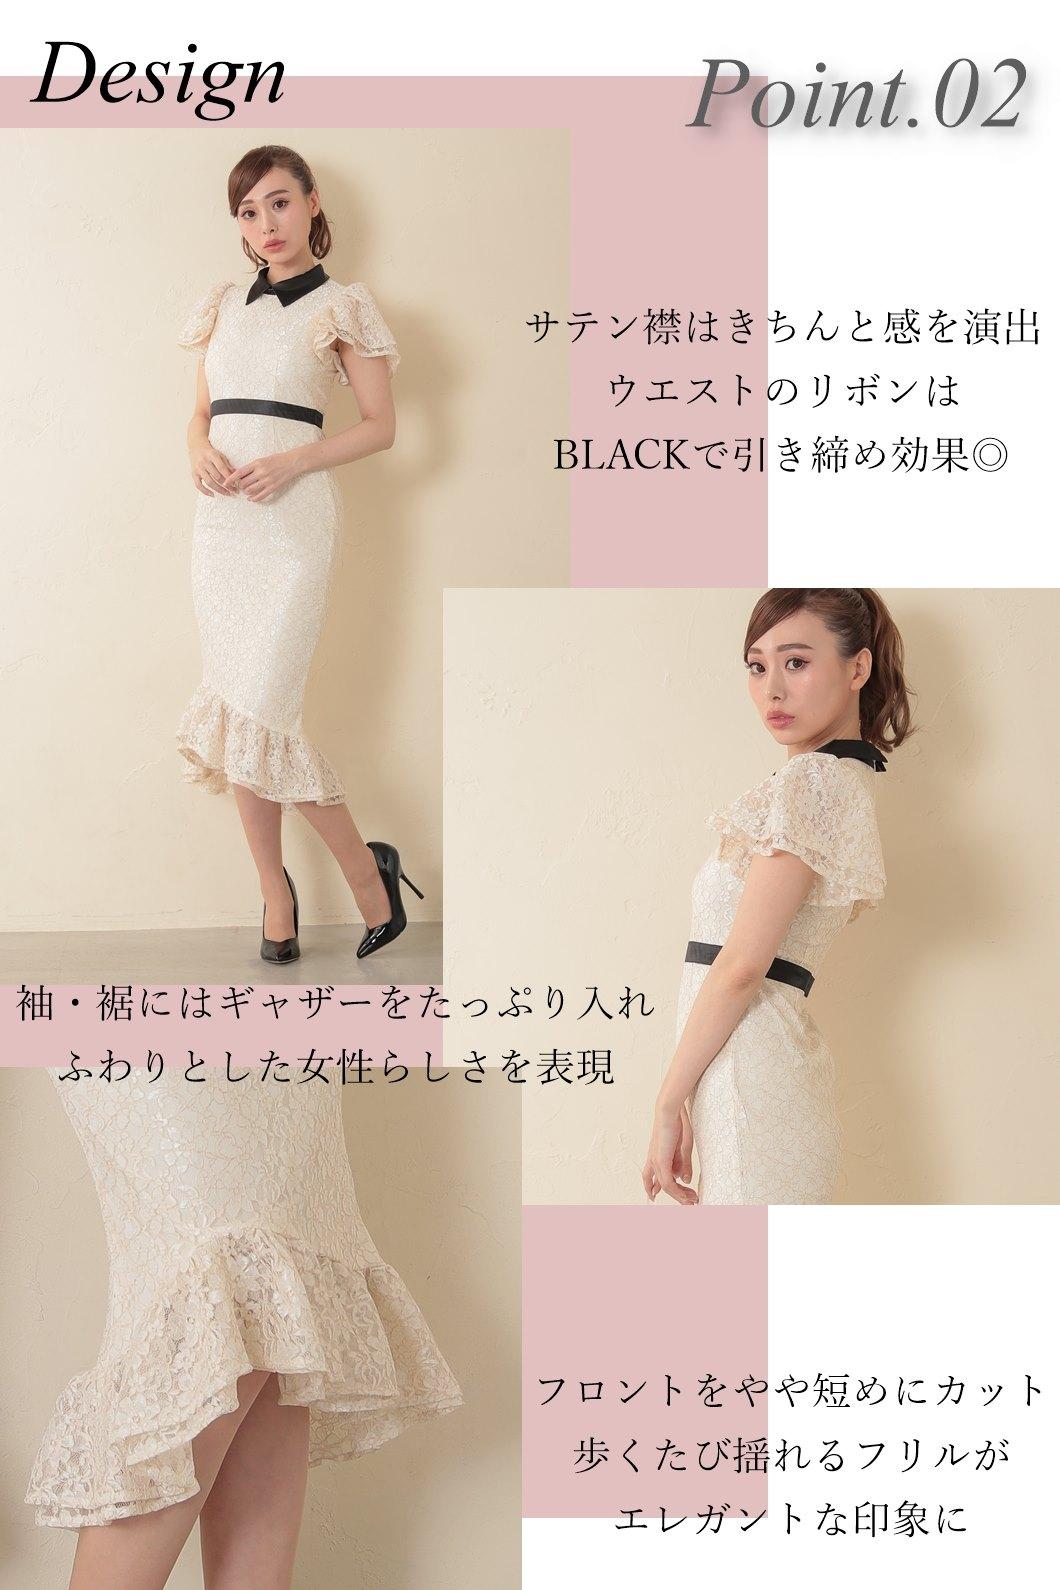 フリルをたっぷり使用し女らしさ溢れるマーメイドドレス